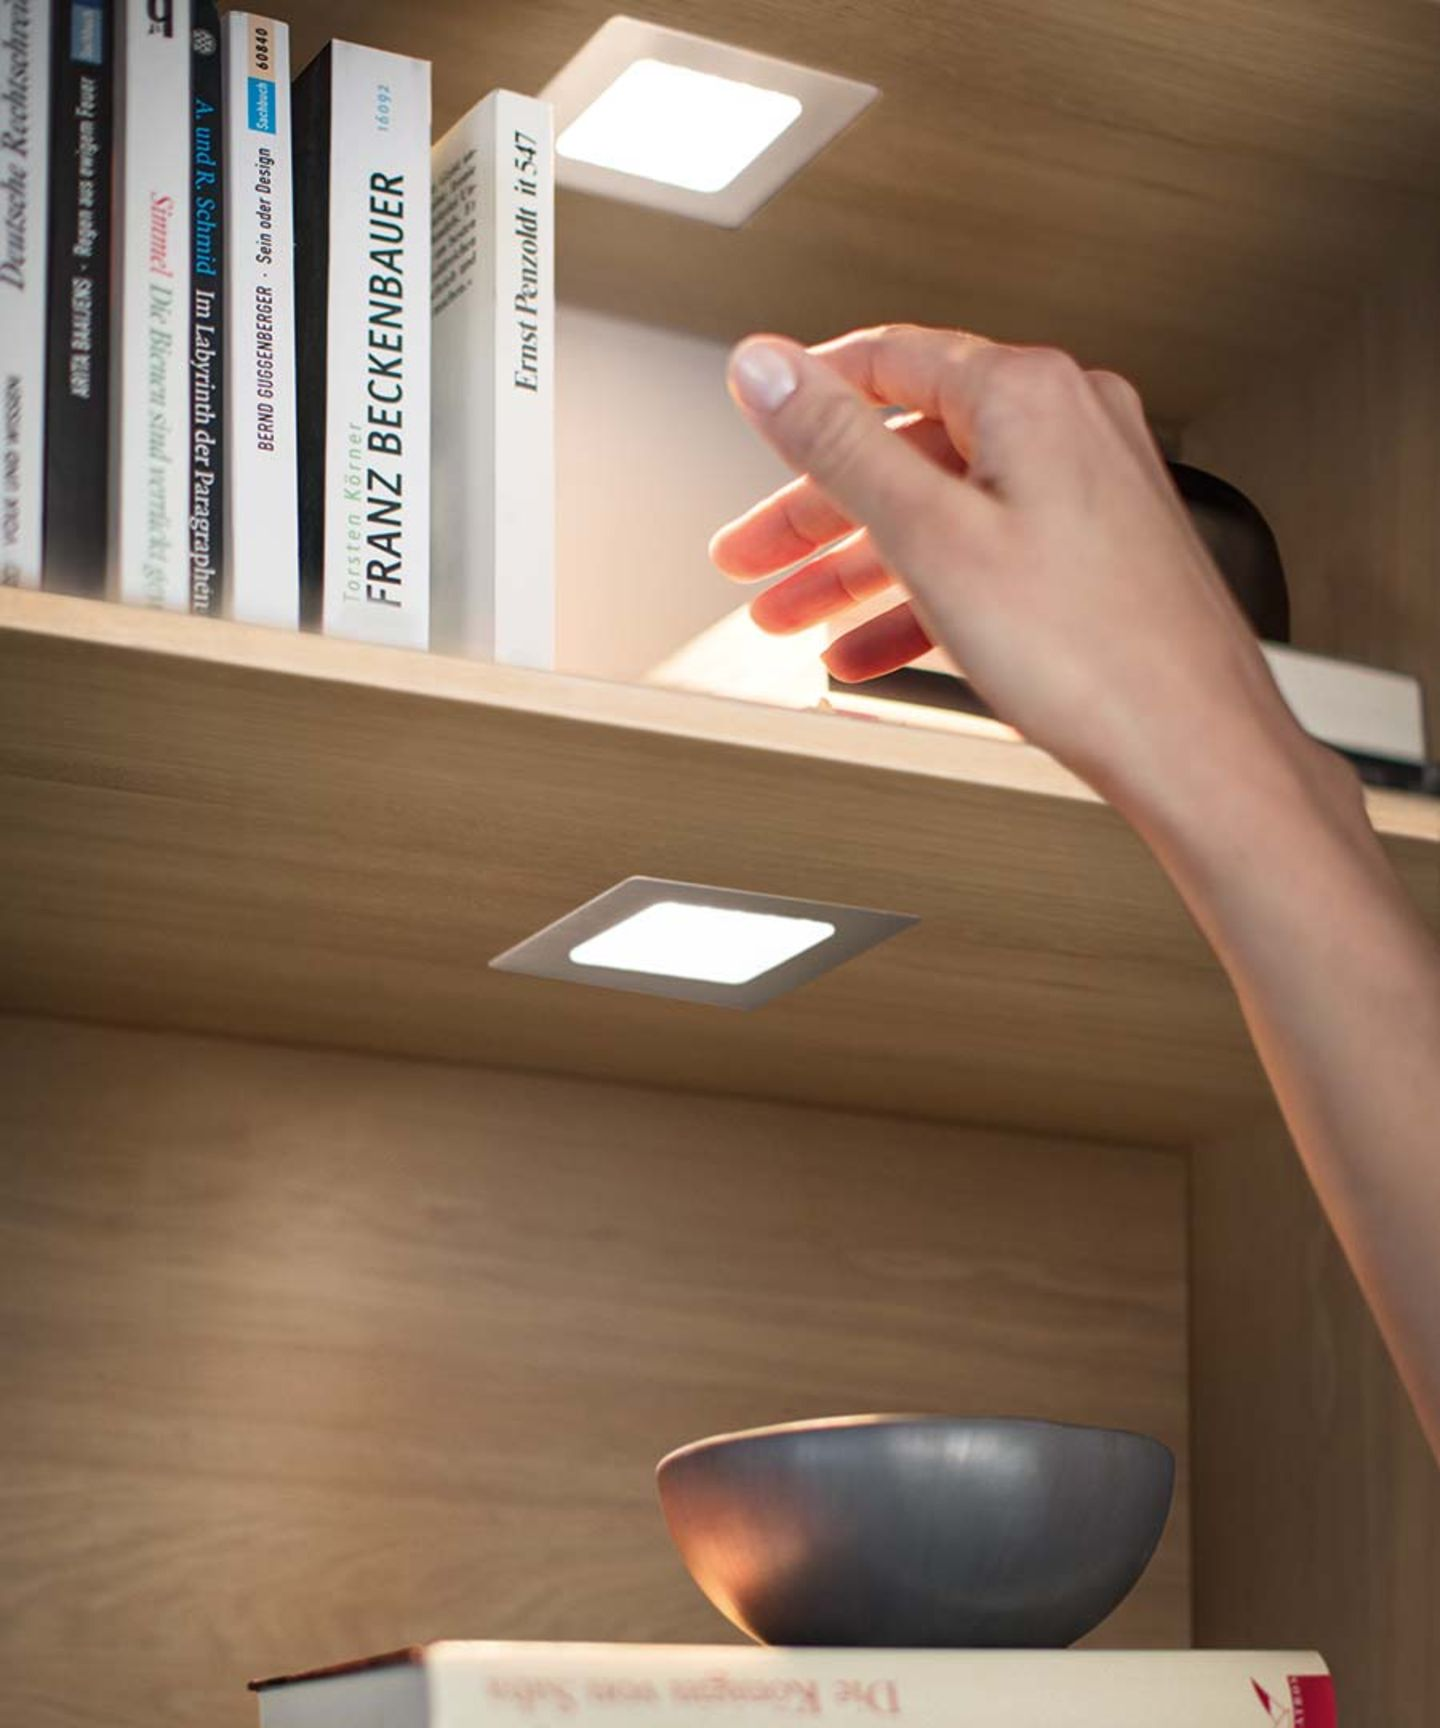 Cloison d'habitation cubus pure avec éclairage